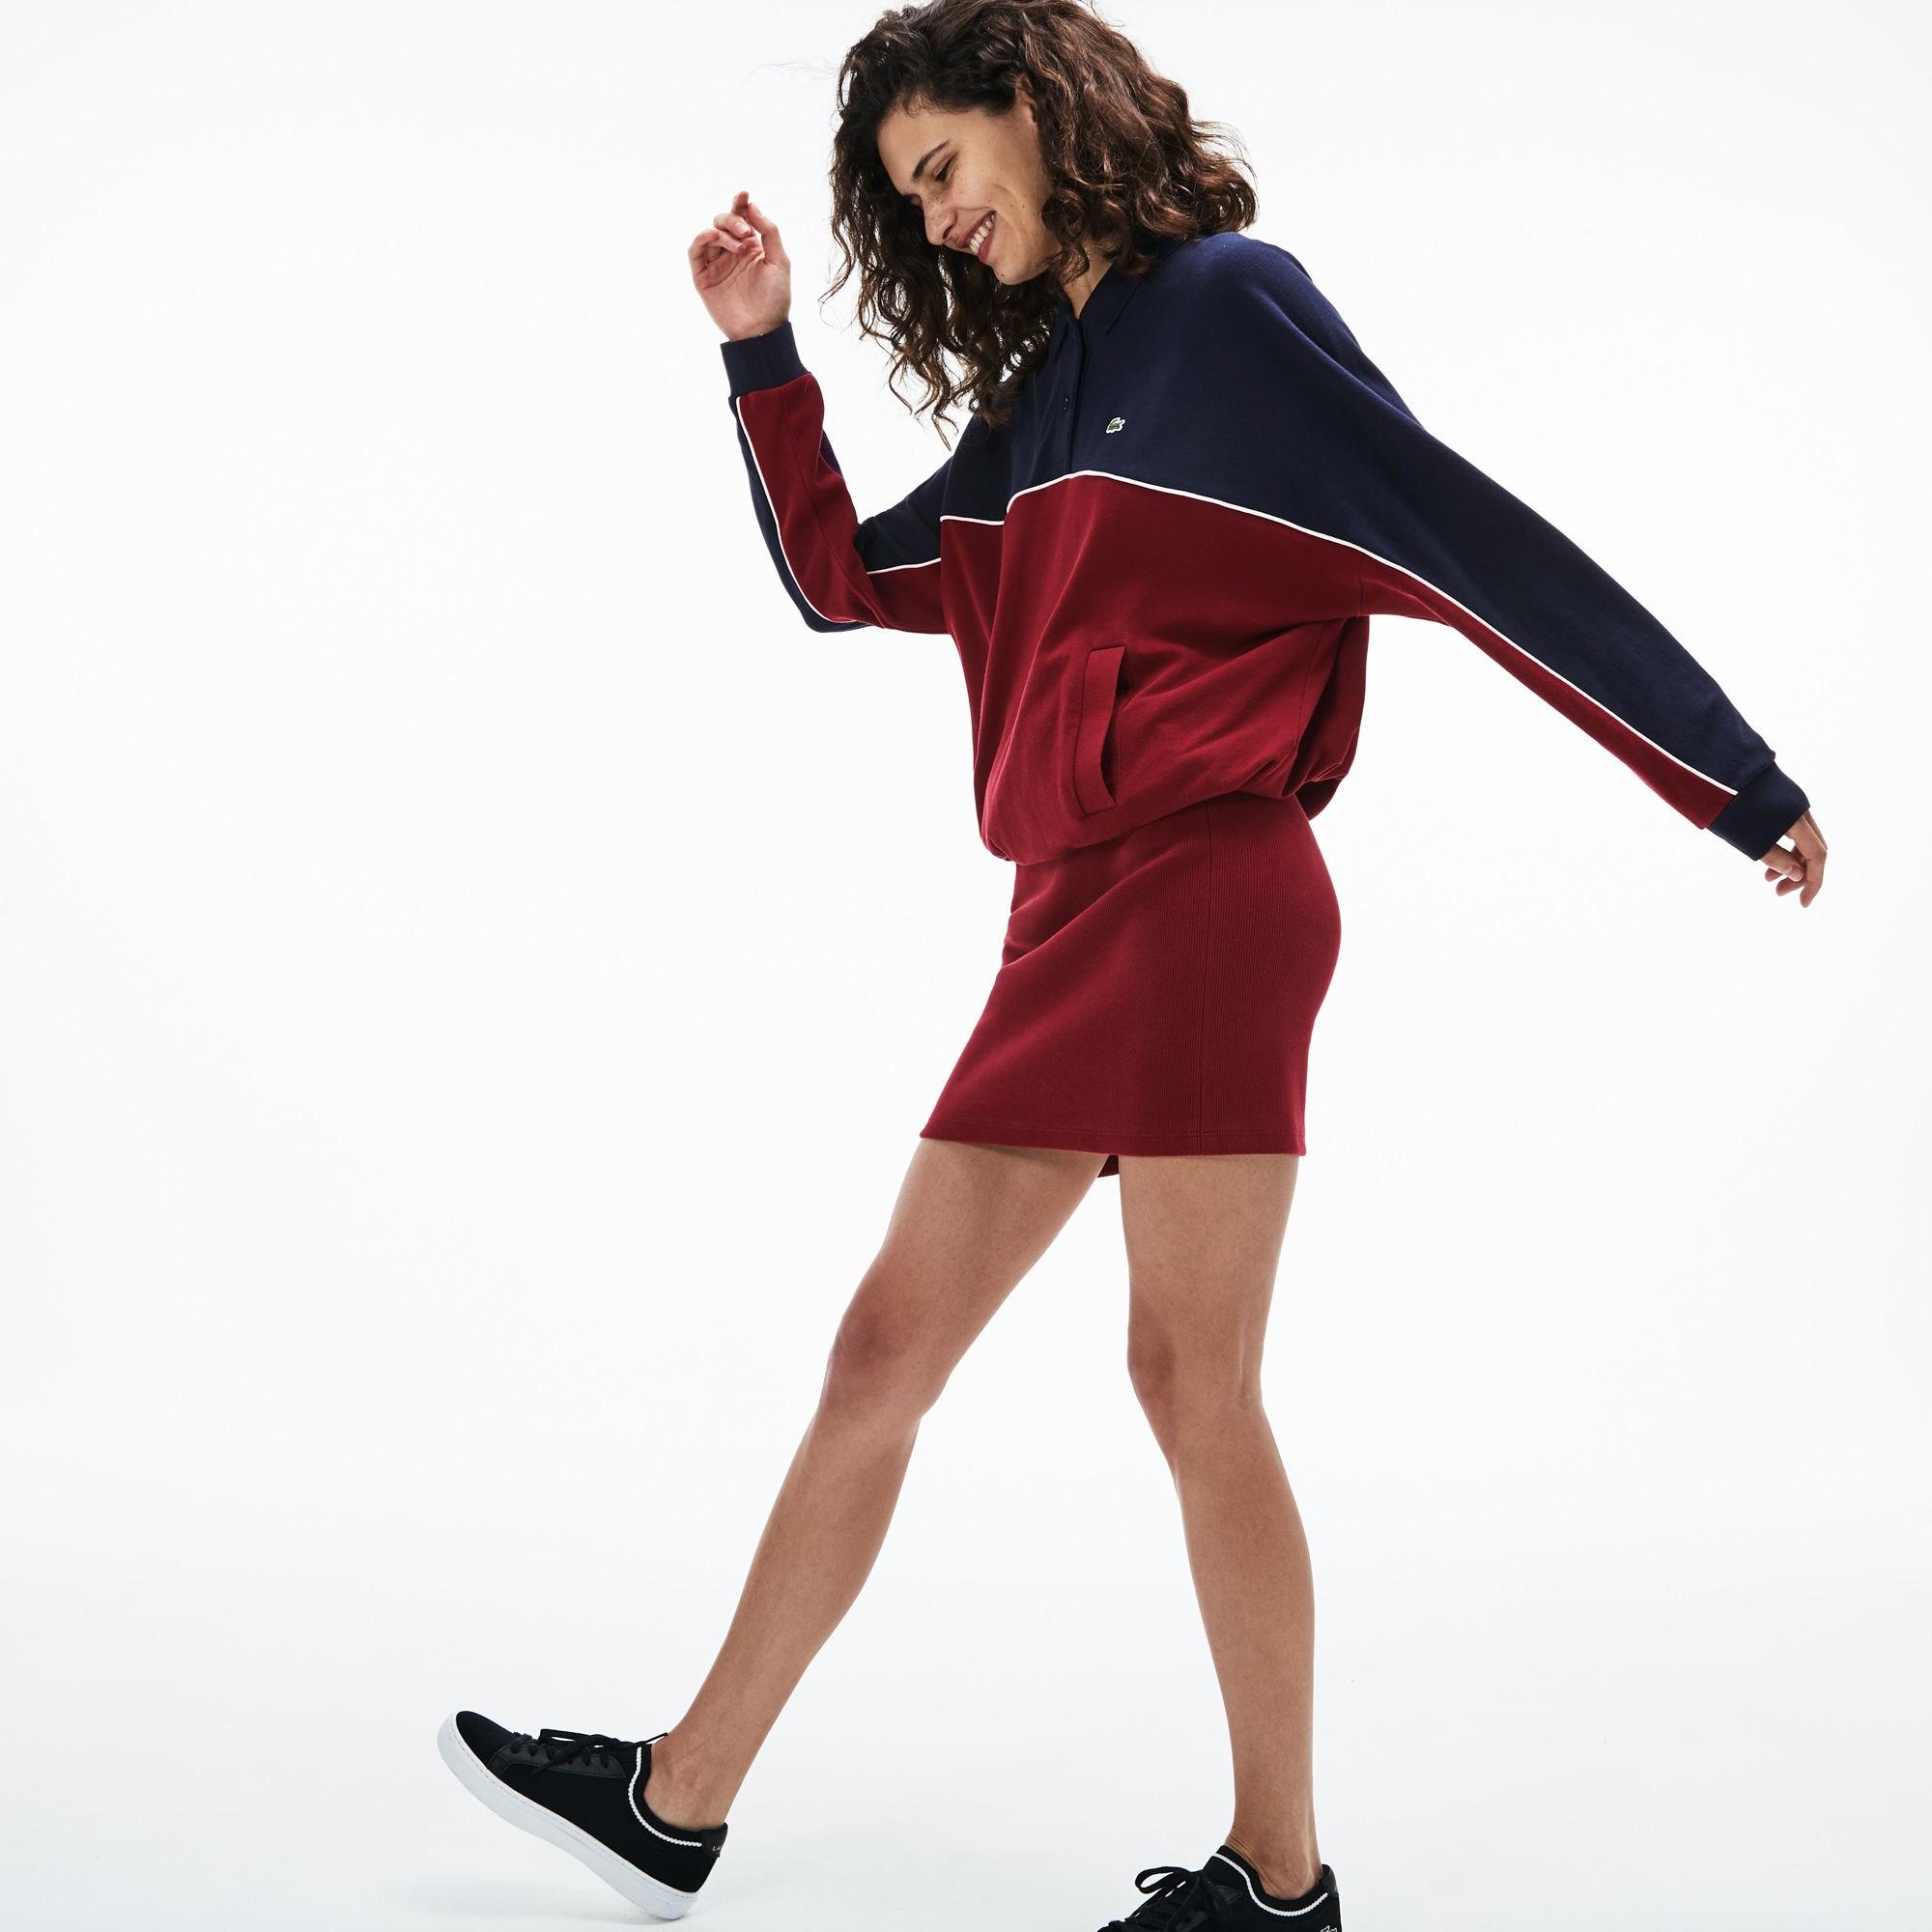 Фото 2 - Женское платье Lacoste красного цвета